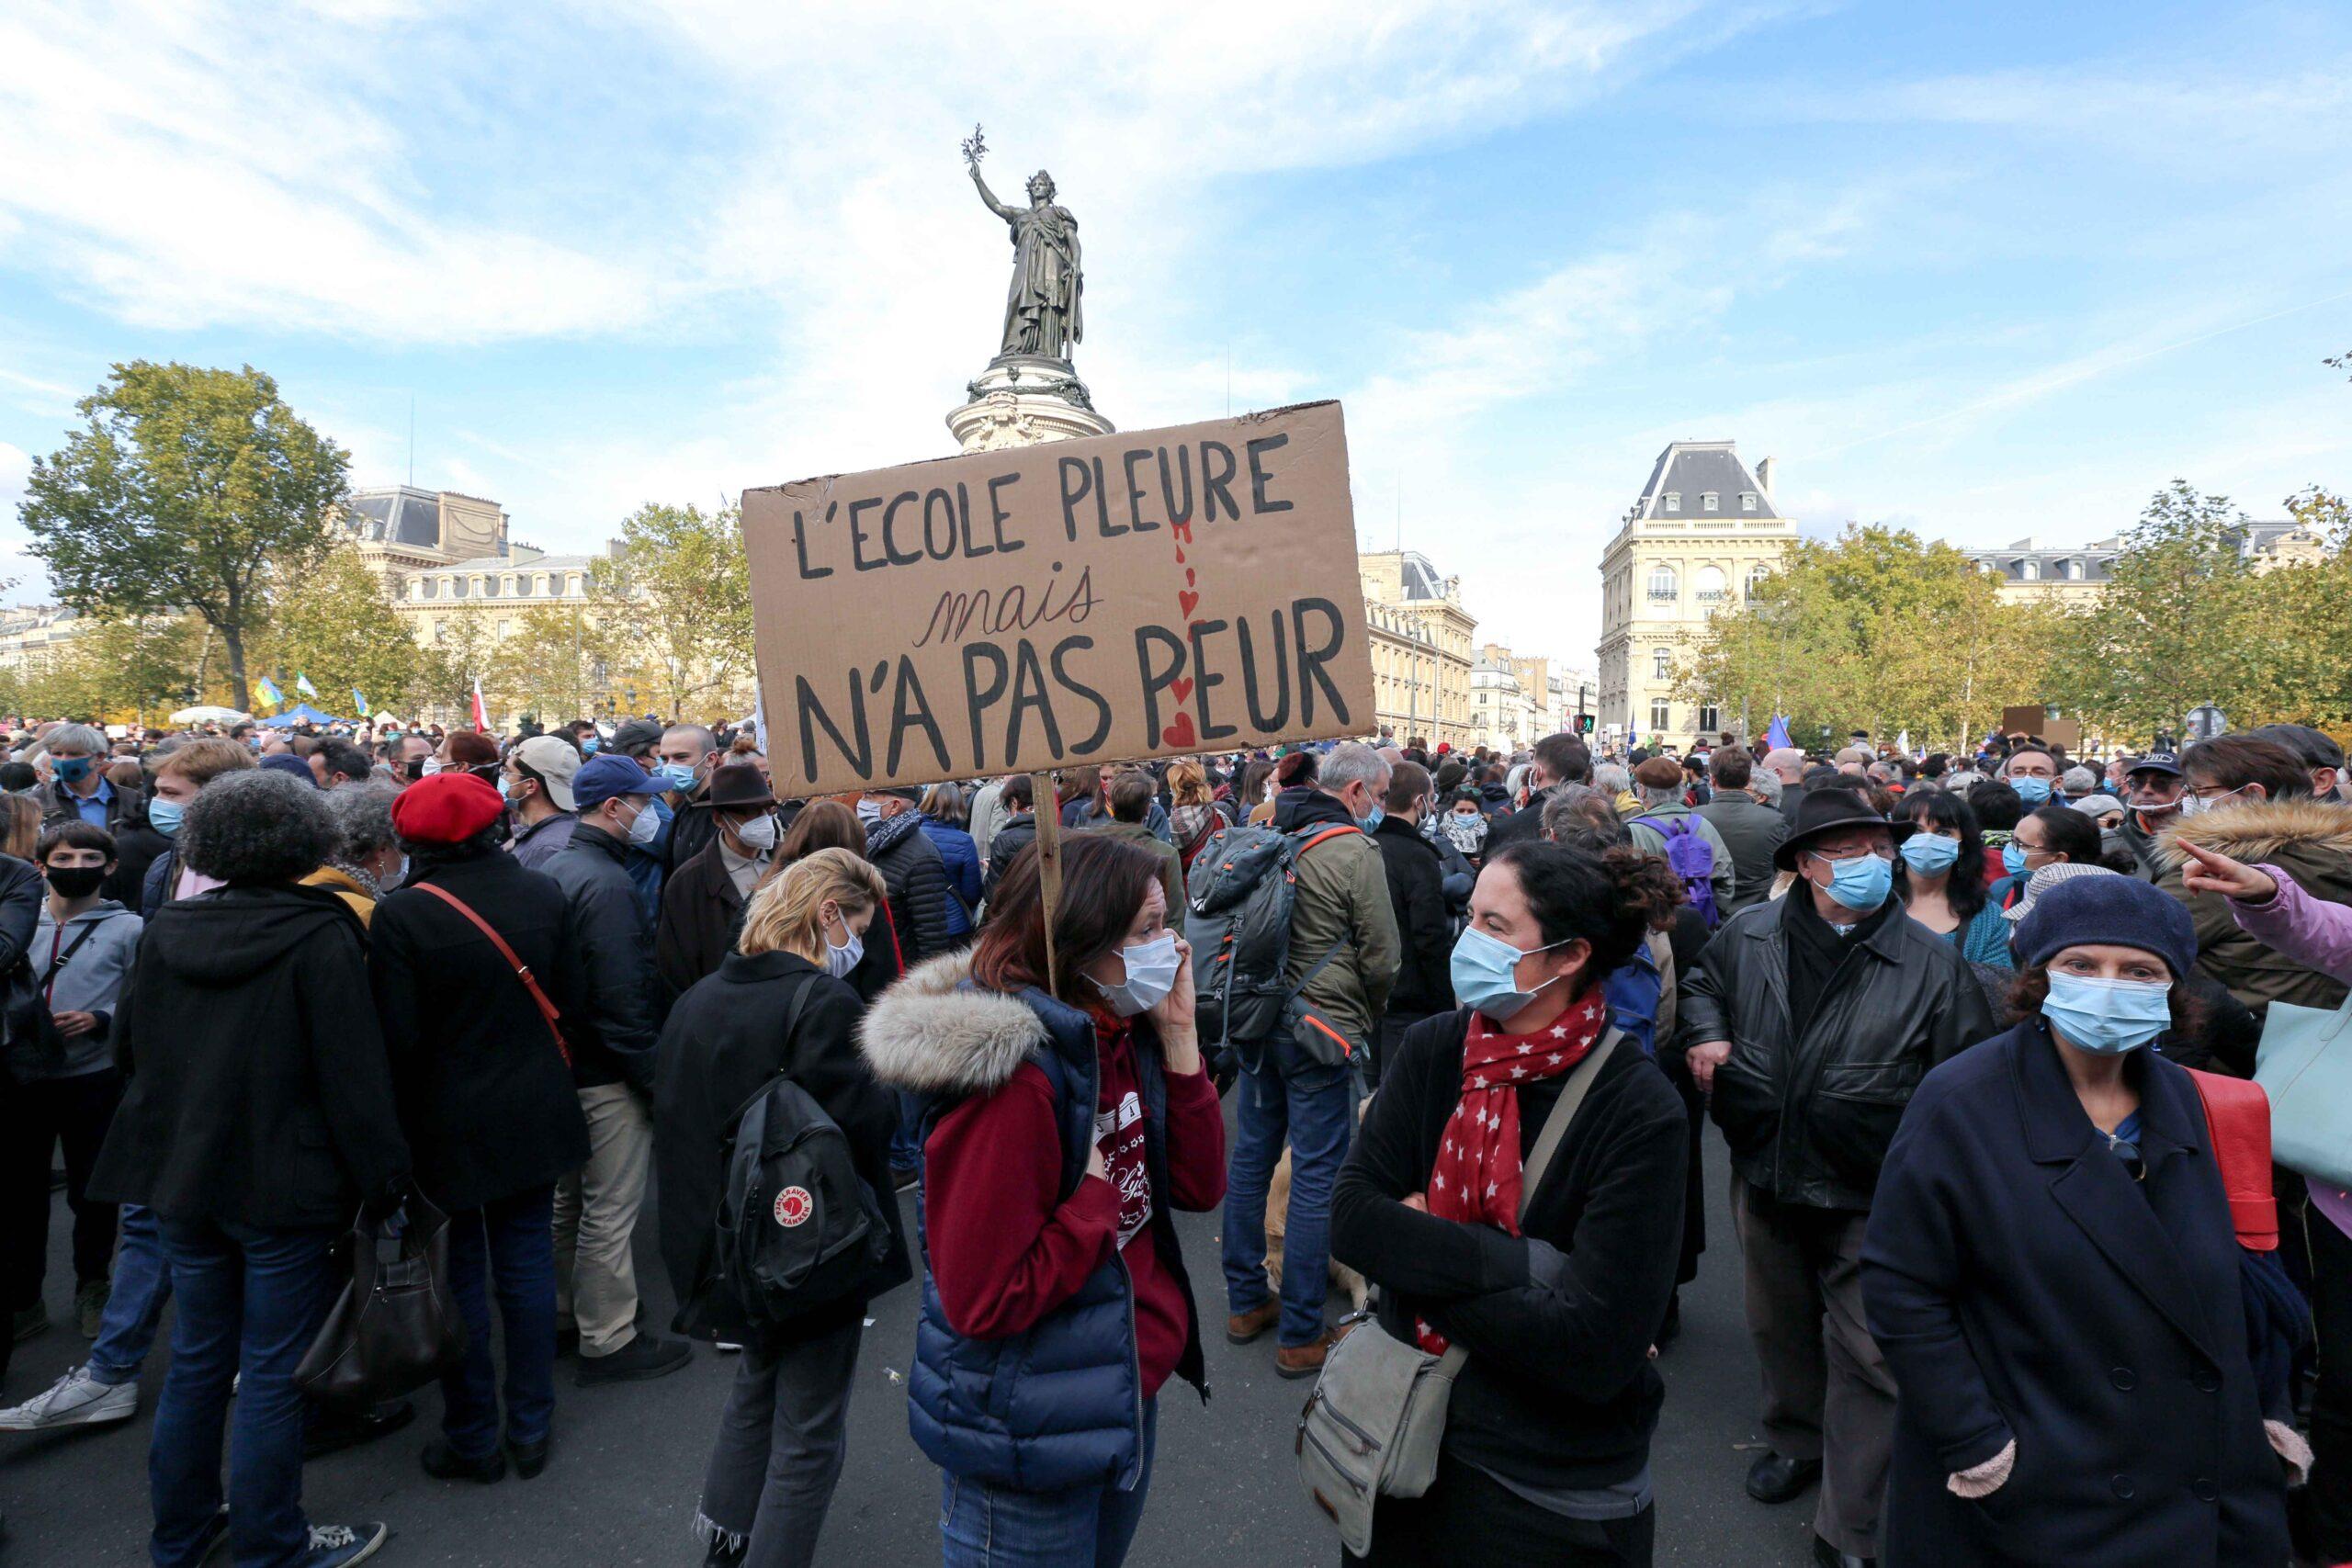 """""""L'école pleure mais n'a pas peur"""". © Michel Stoupak. Dim 18.10.2020, 14h42m02."""